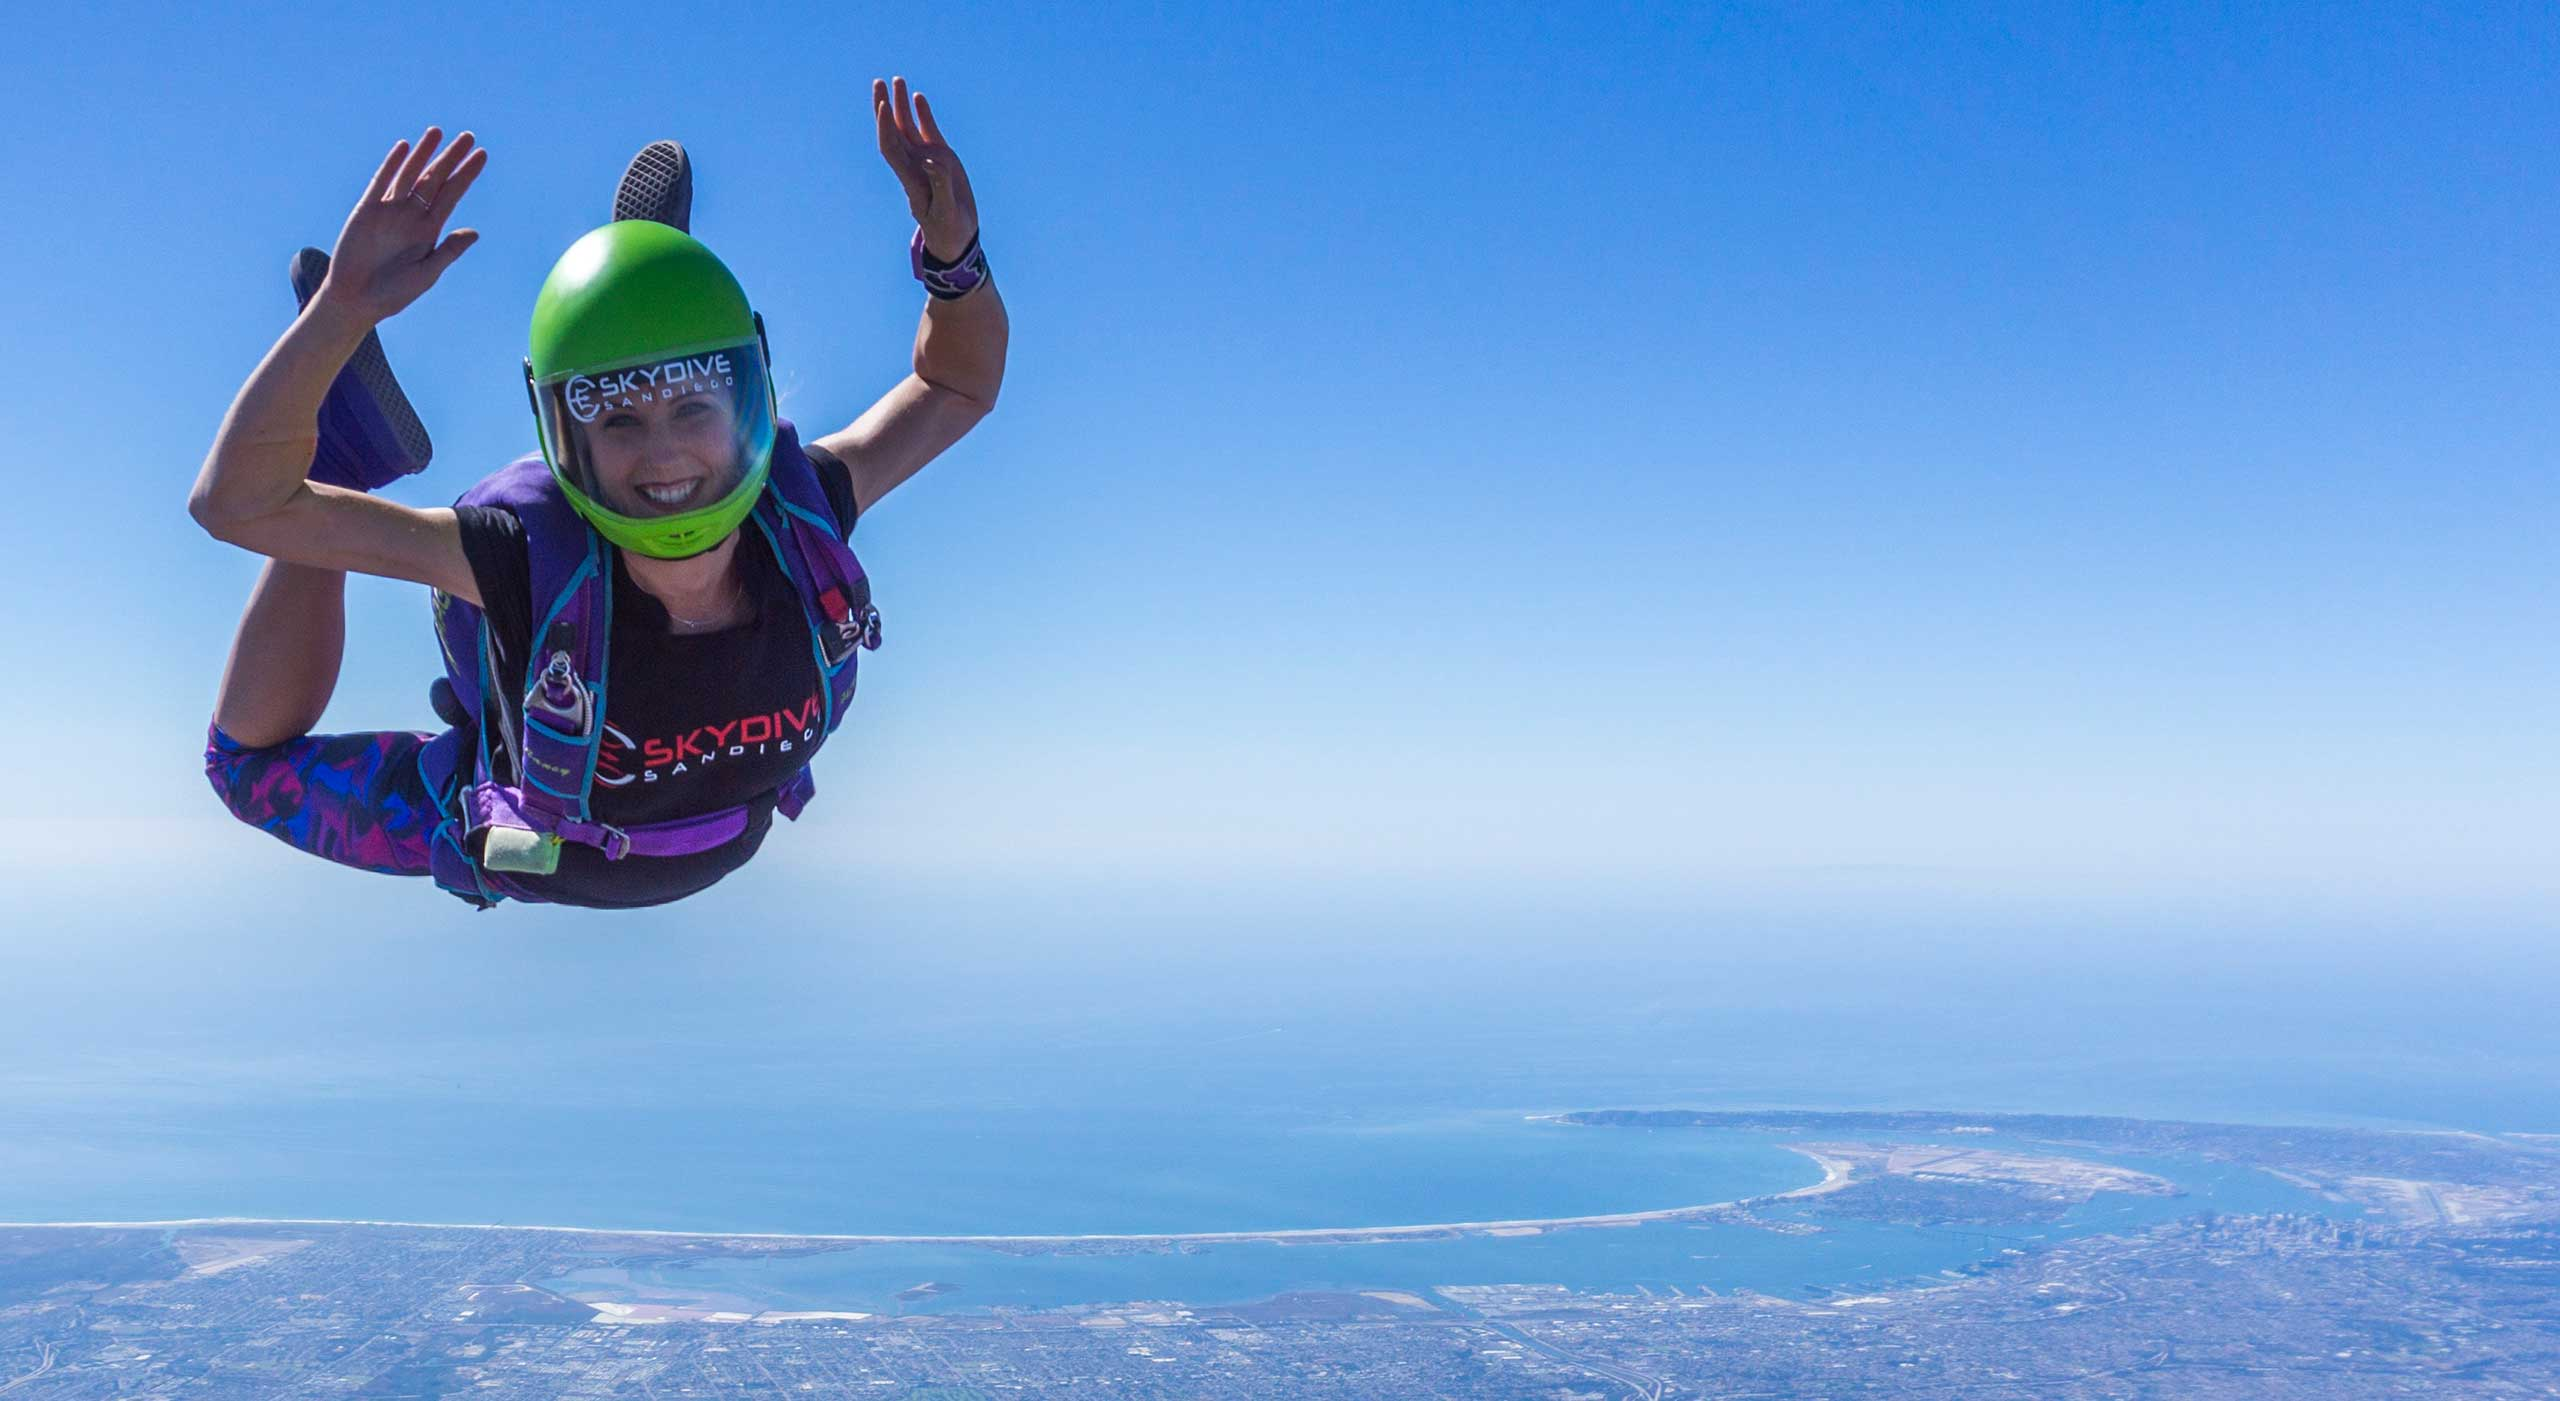 skydive san diego freefall